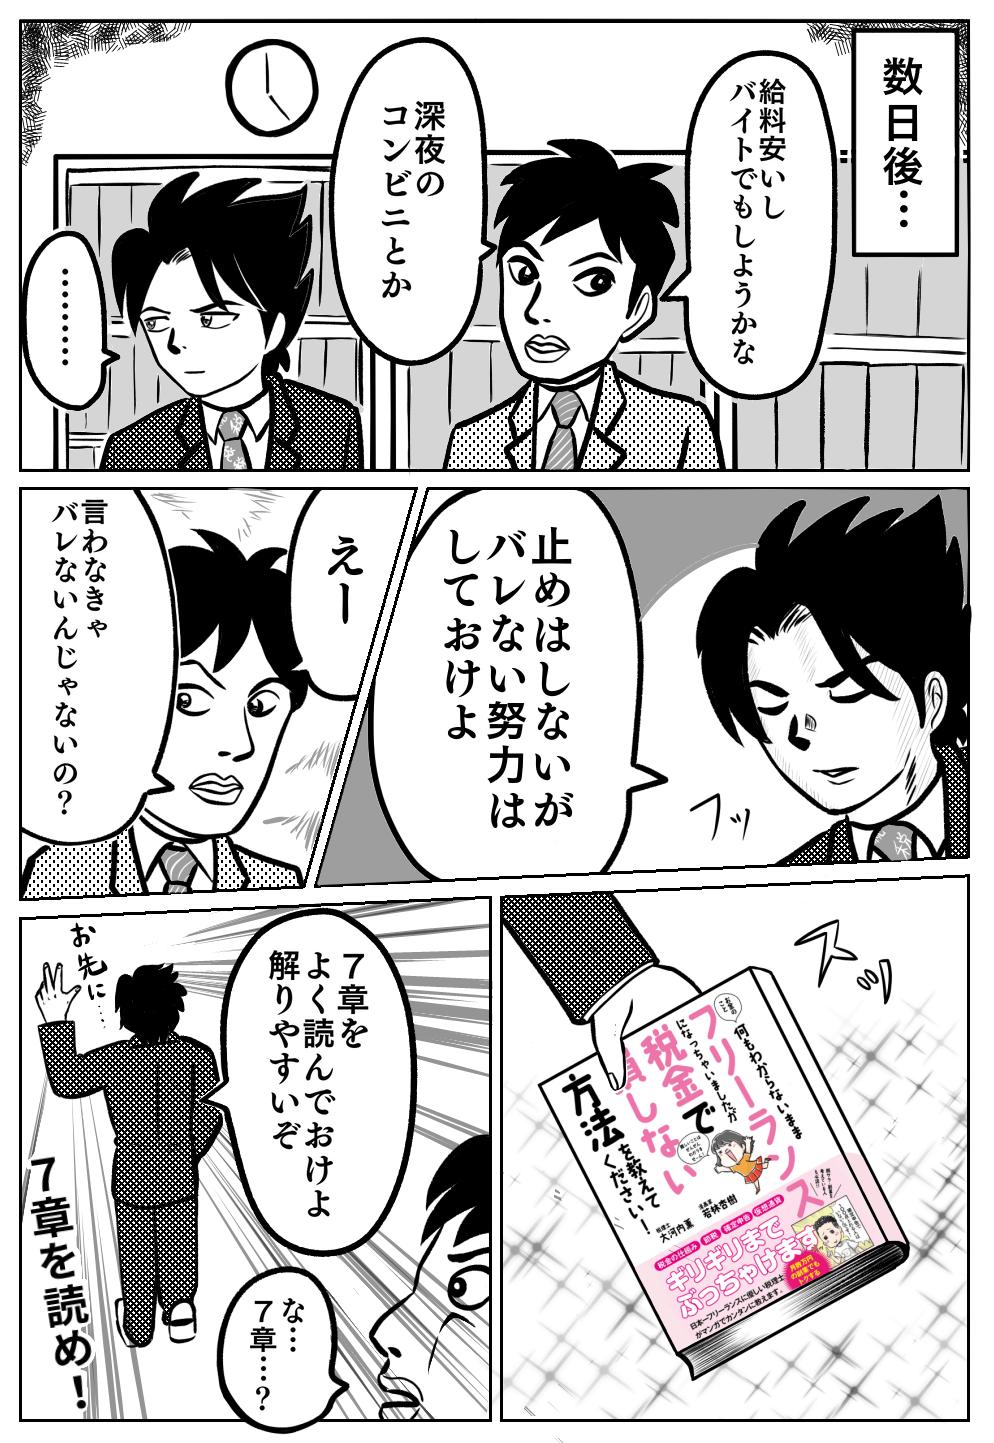 副業バレ怖い漫画4